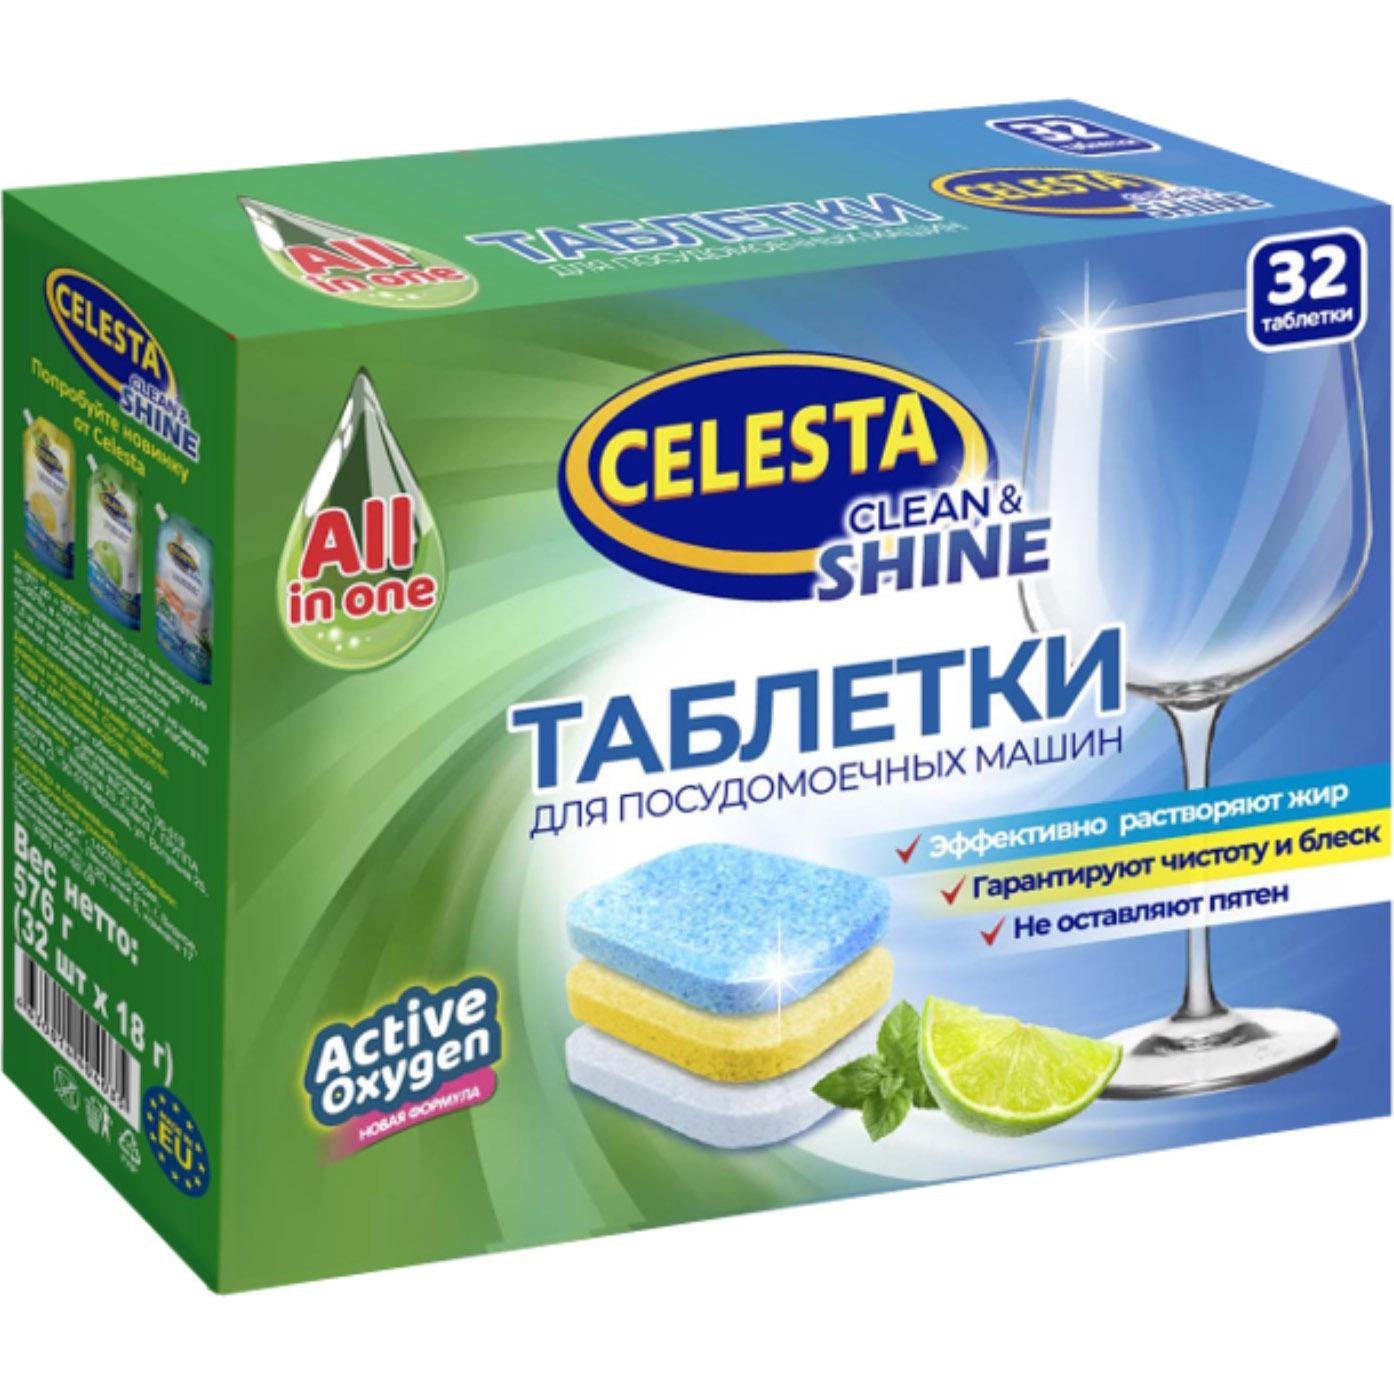 Фото - Таблетки для посудомоечных машин Celesta Clean & shine Трехслойные 32 шт бытовая химия jundo active oxygen таблетки для посудомоечных машин с активным кислородом 30 шт